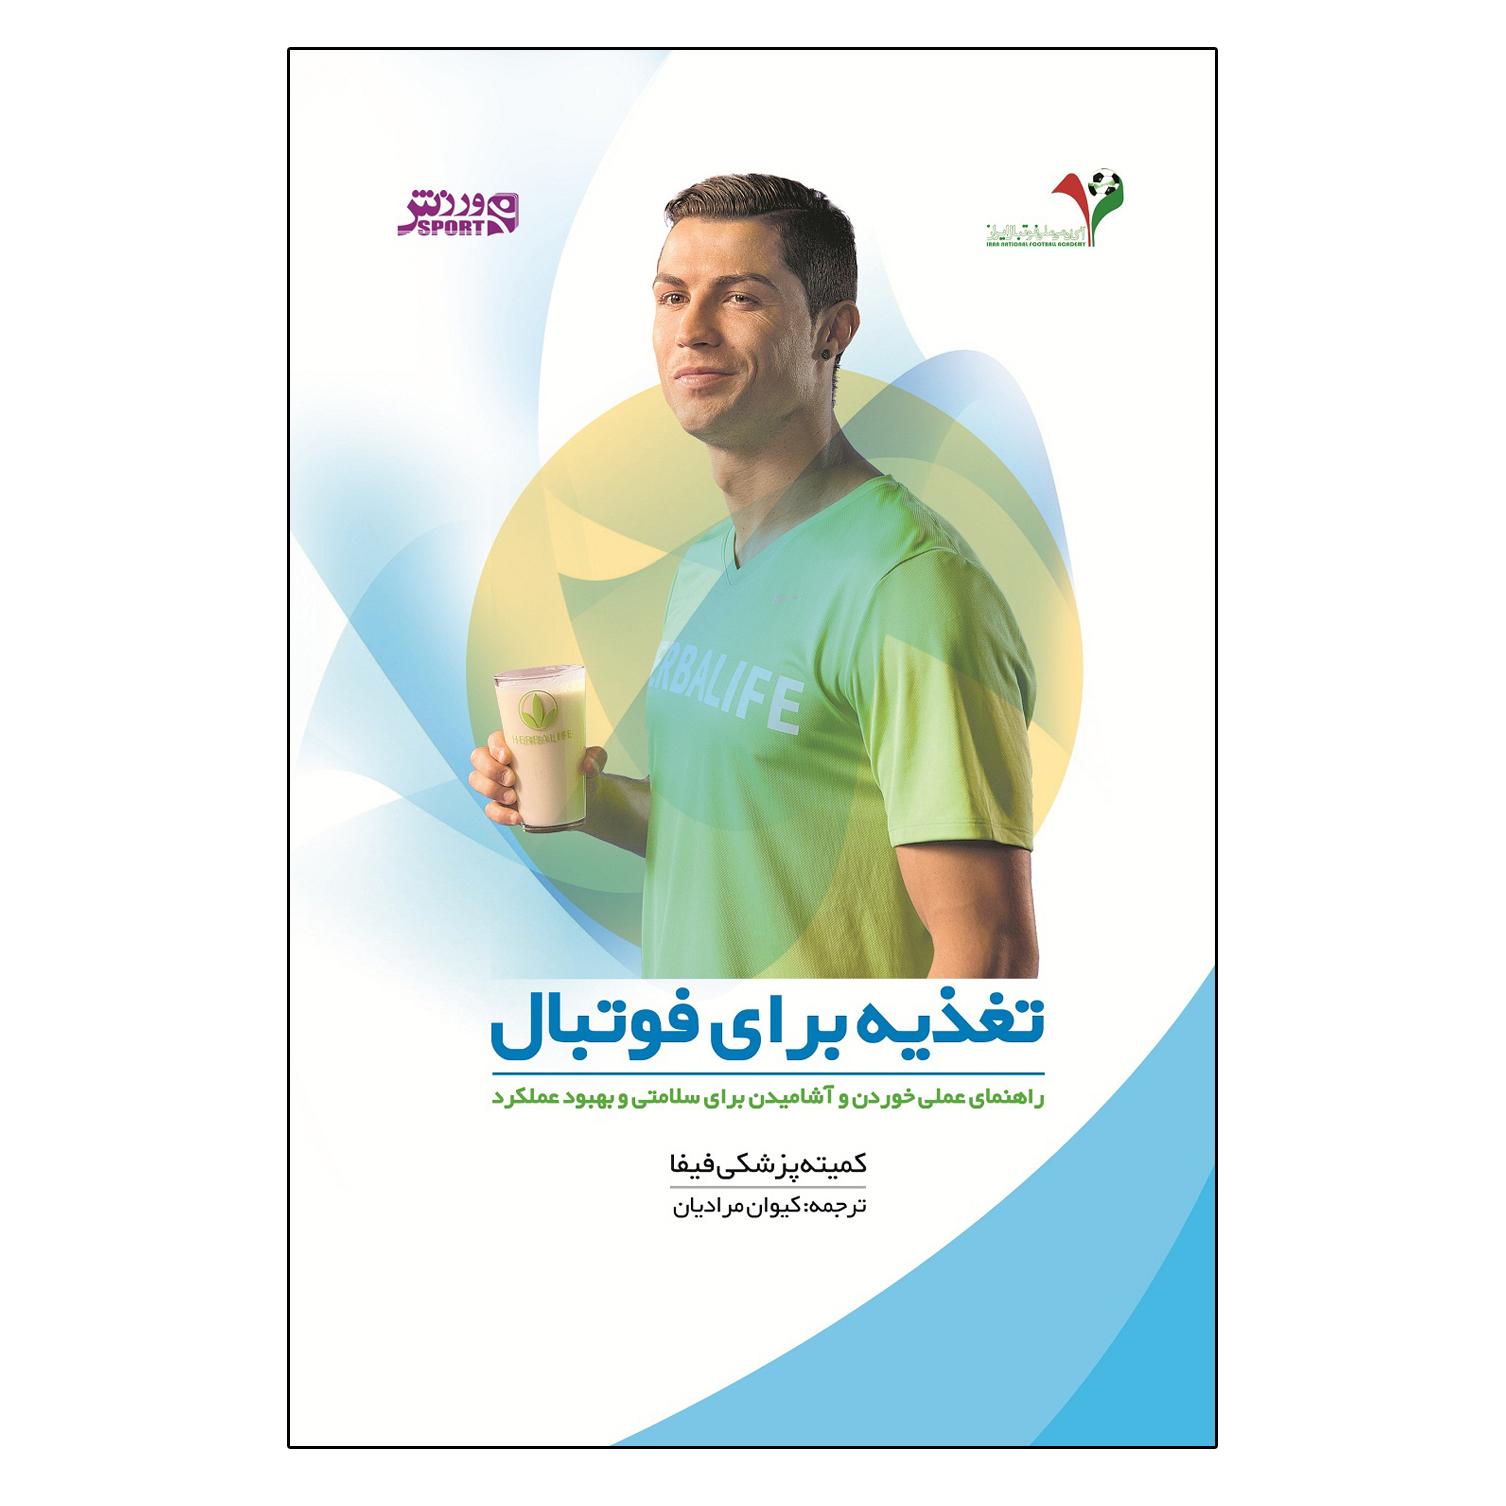 کتاب تغذیه برای فوتبال اثر کمیته پزشکی فدراسیون جهانی فوتبال فیفا انتشارات ورزش |